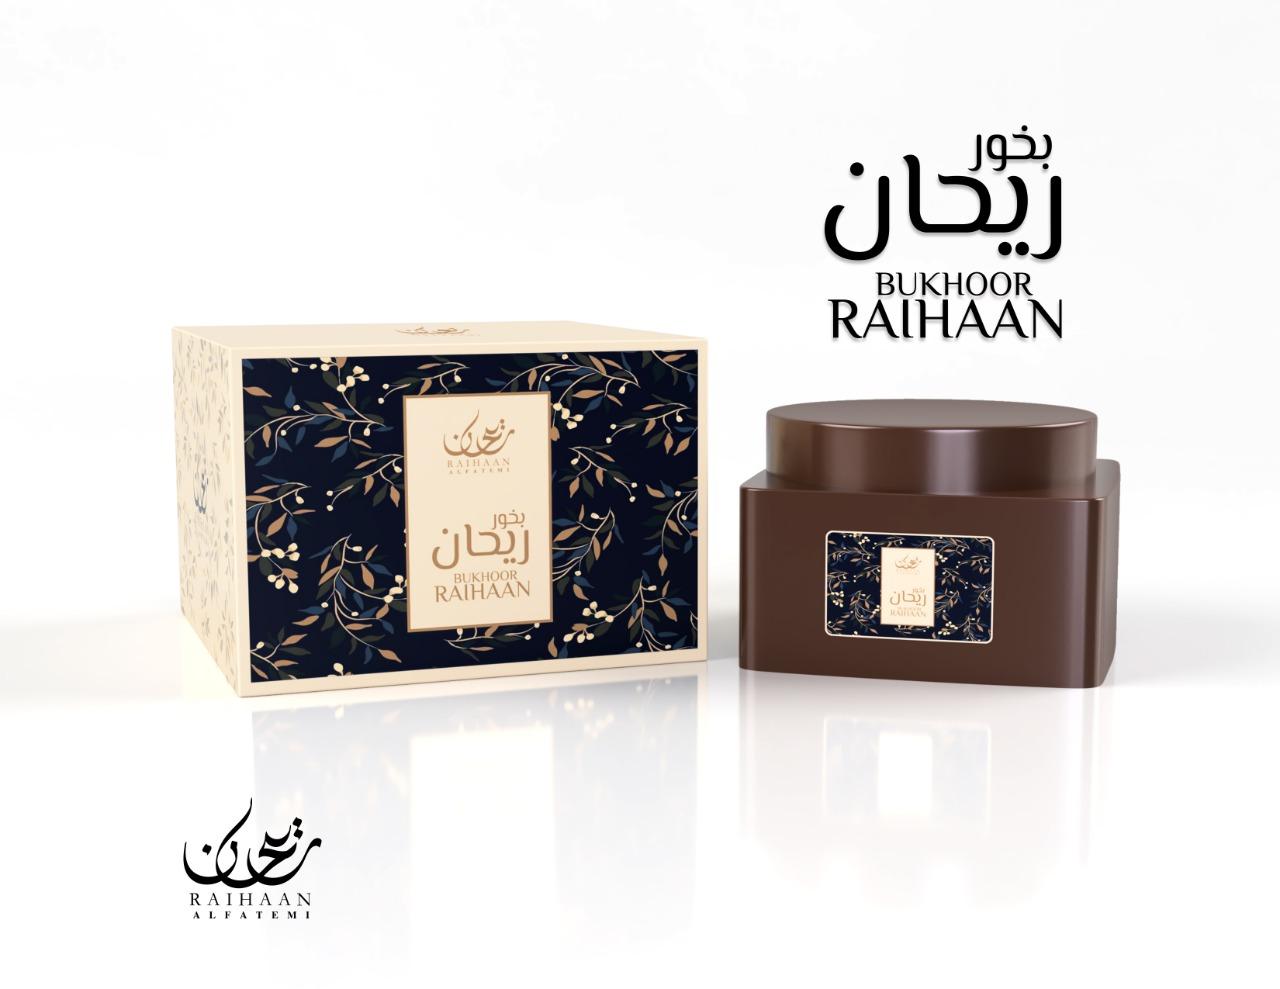 Bukhoor Raihaan Al Fatemi fabriqué à partir de copeaux de bois d'agar naturel et imbibé d'huiles parfumées odorantes.Contenance: 70gr.